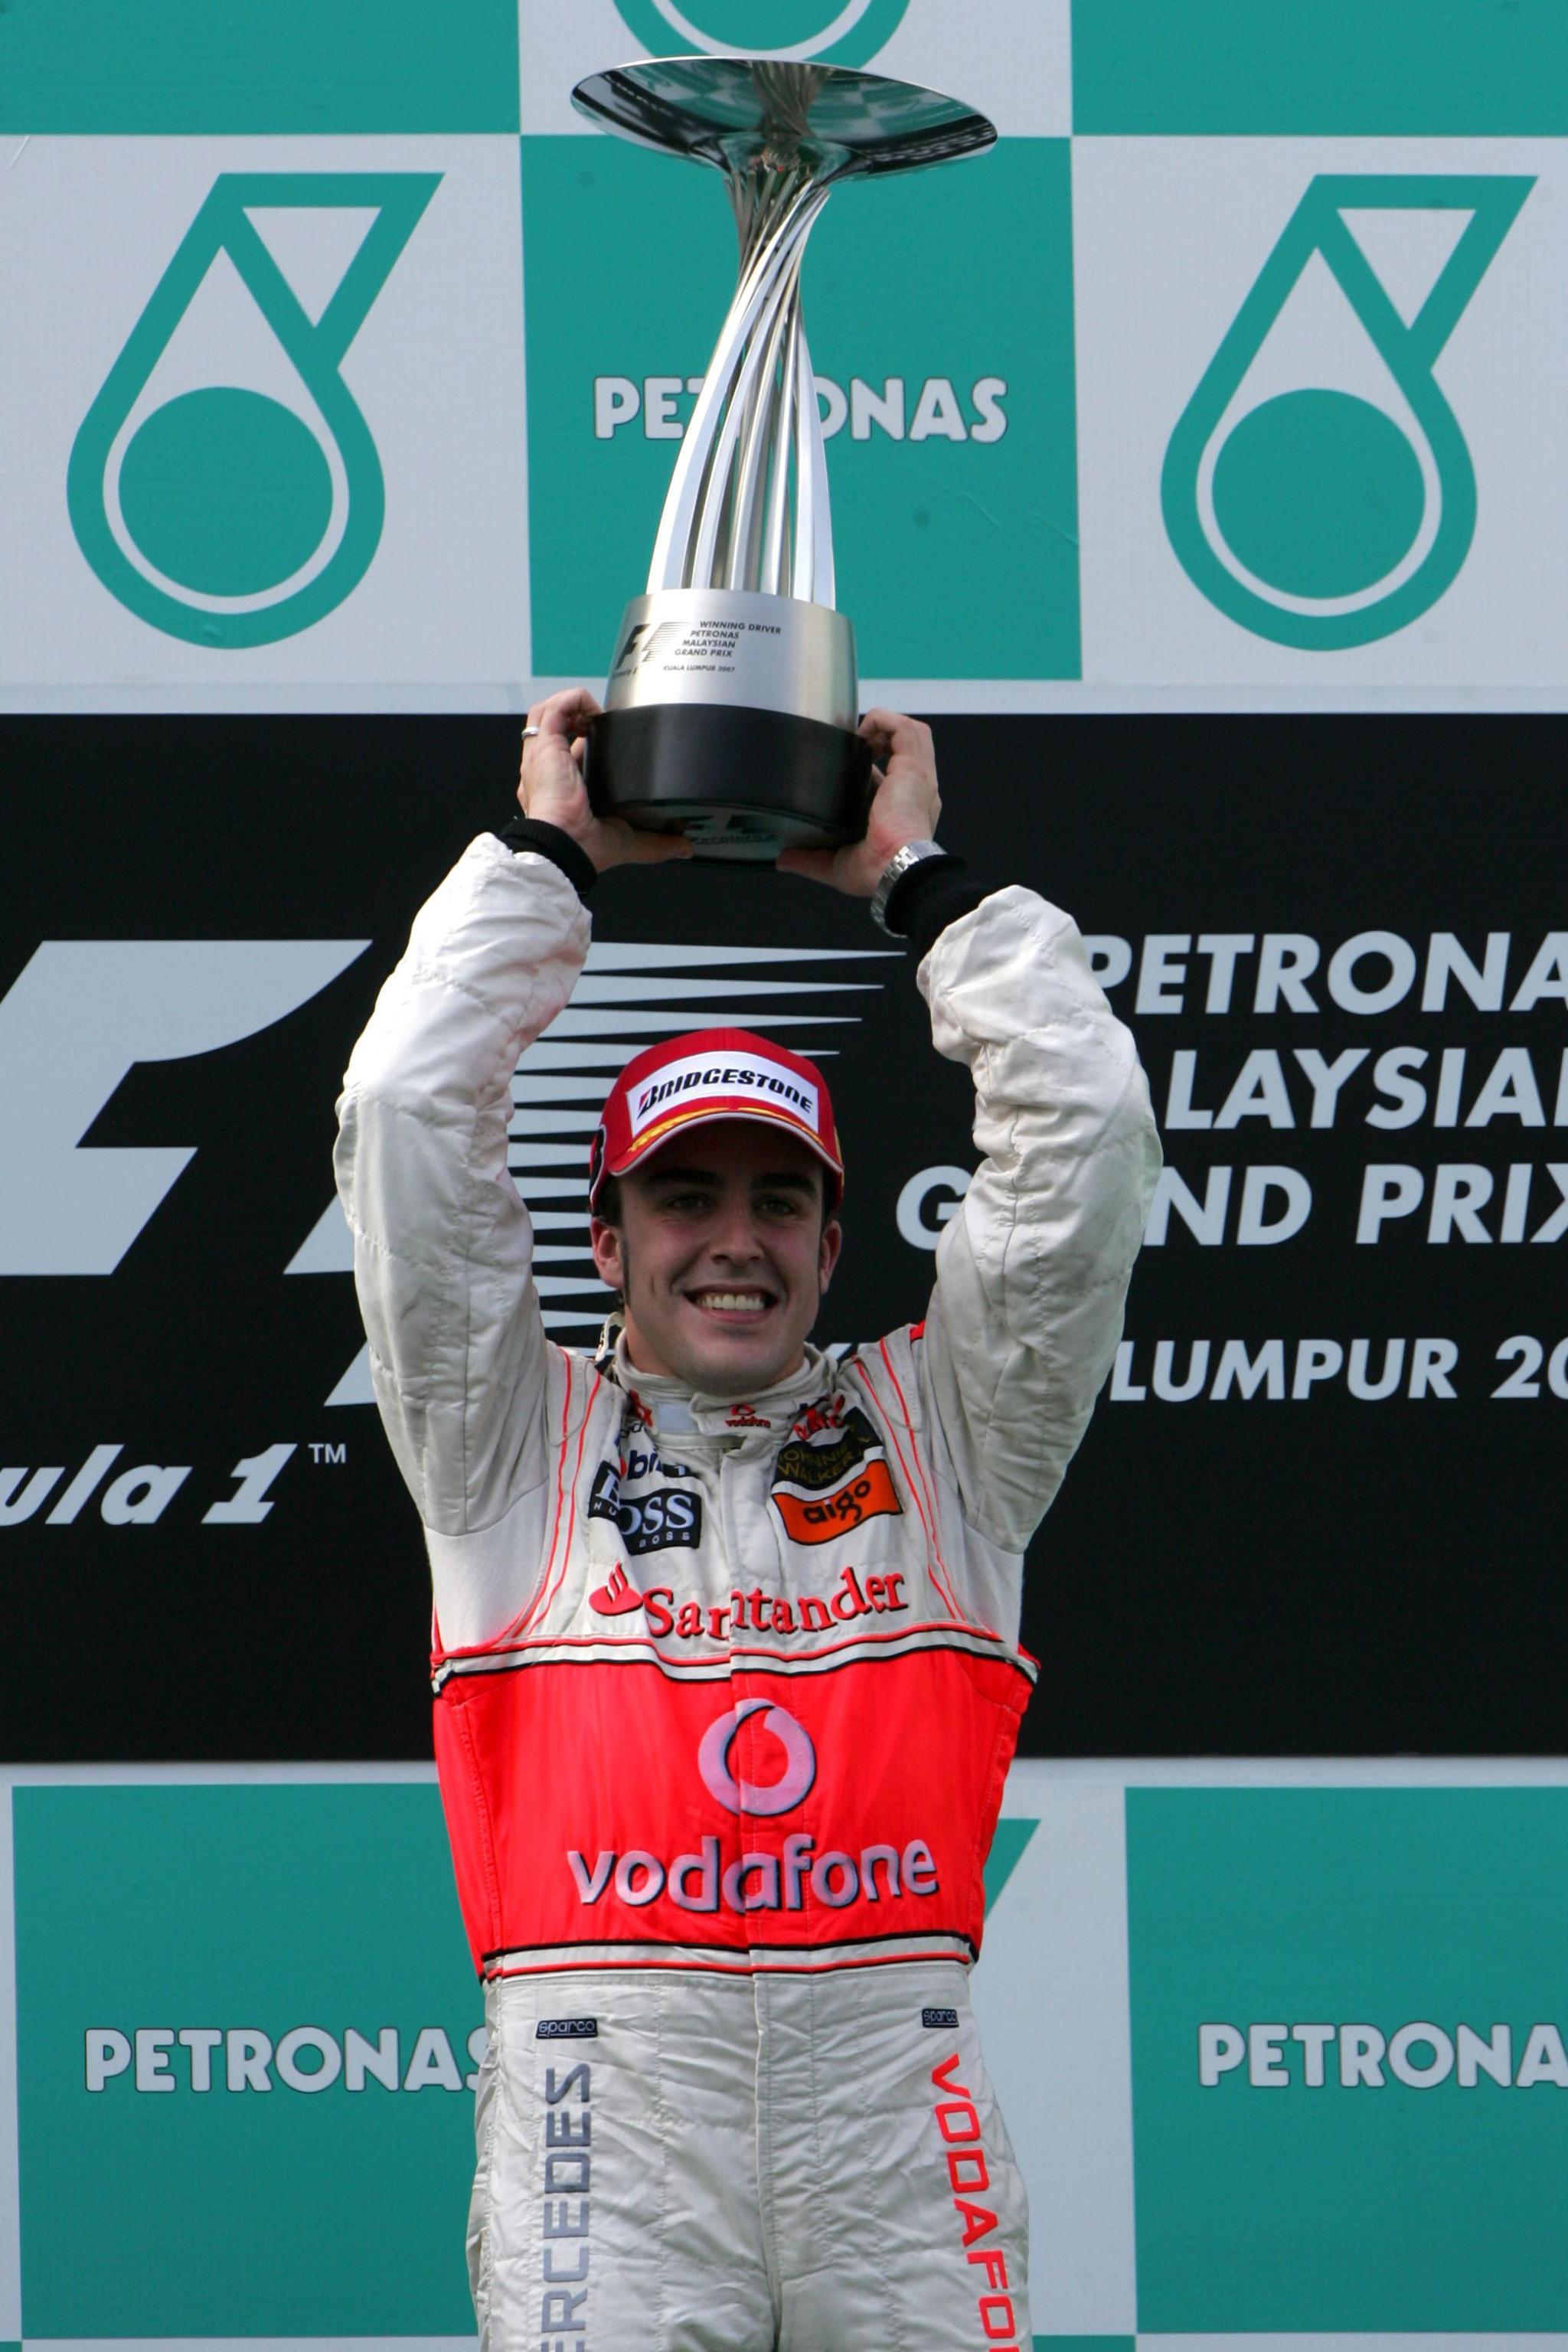 Alonso en el podio de Malasia 2007